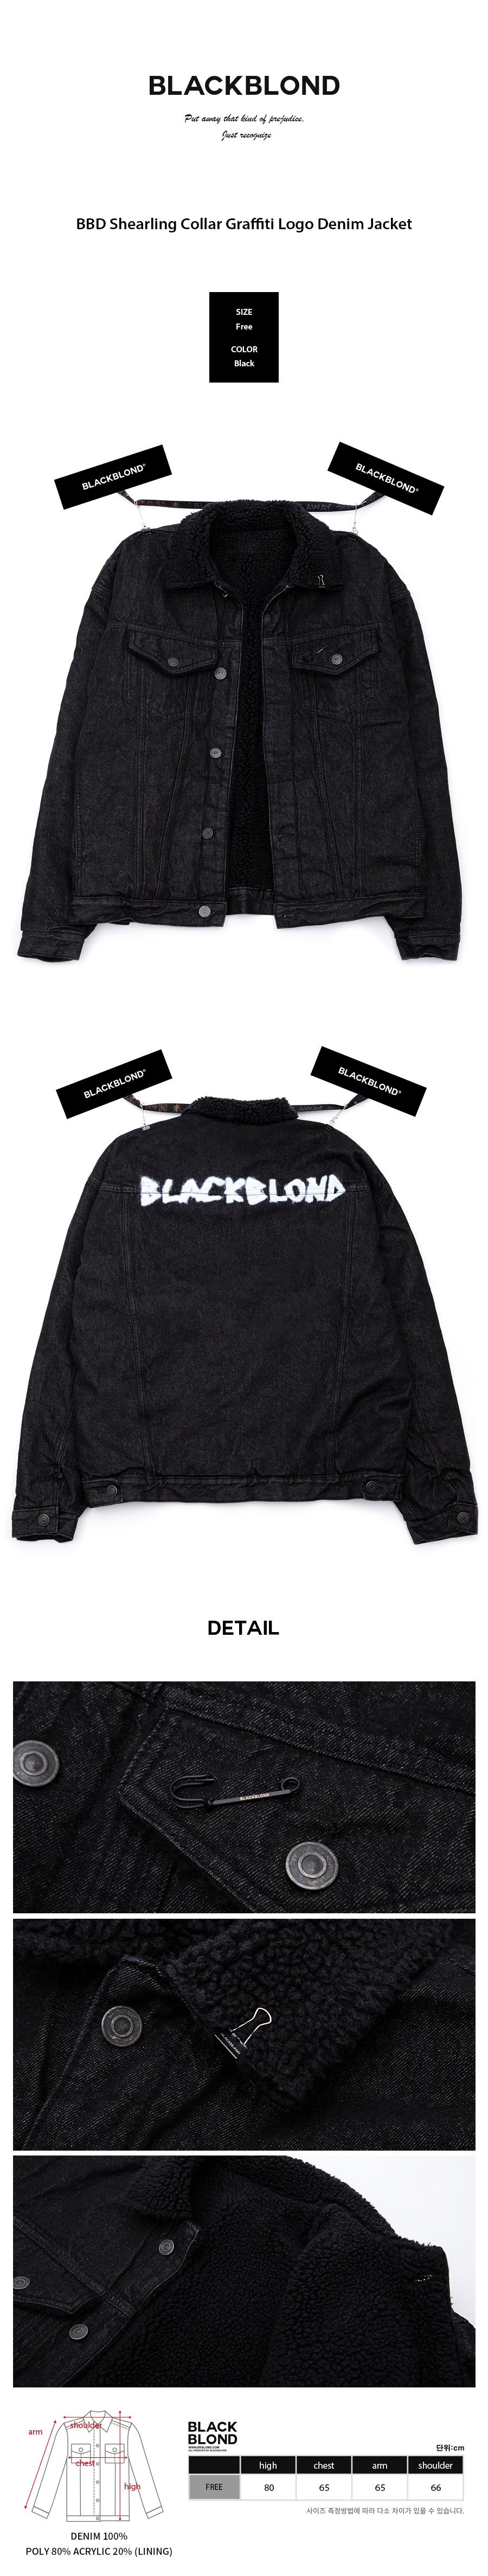 블랙블론드 BLACKBLOND - BBD Shearling Collar Graffiti Logo Denim Jacket (Black)